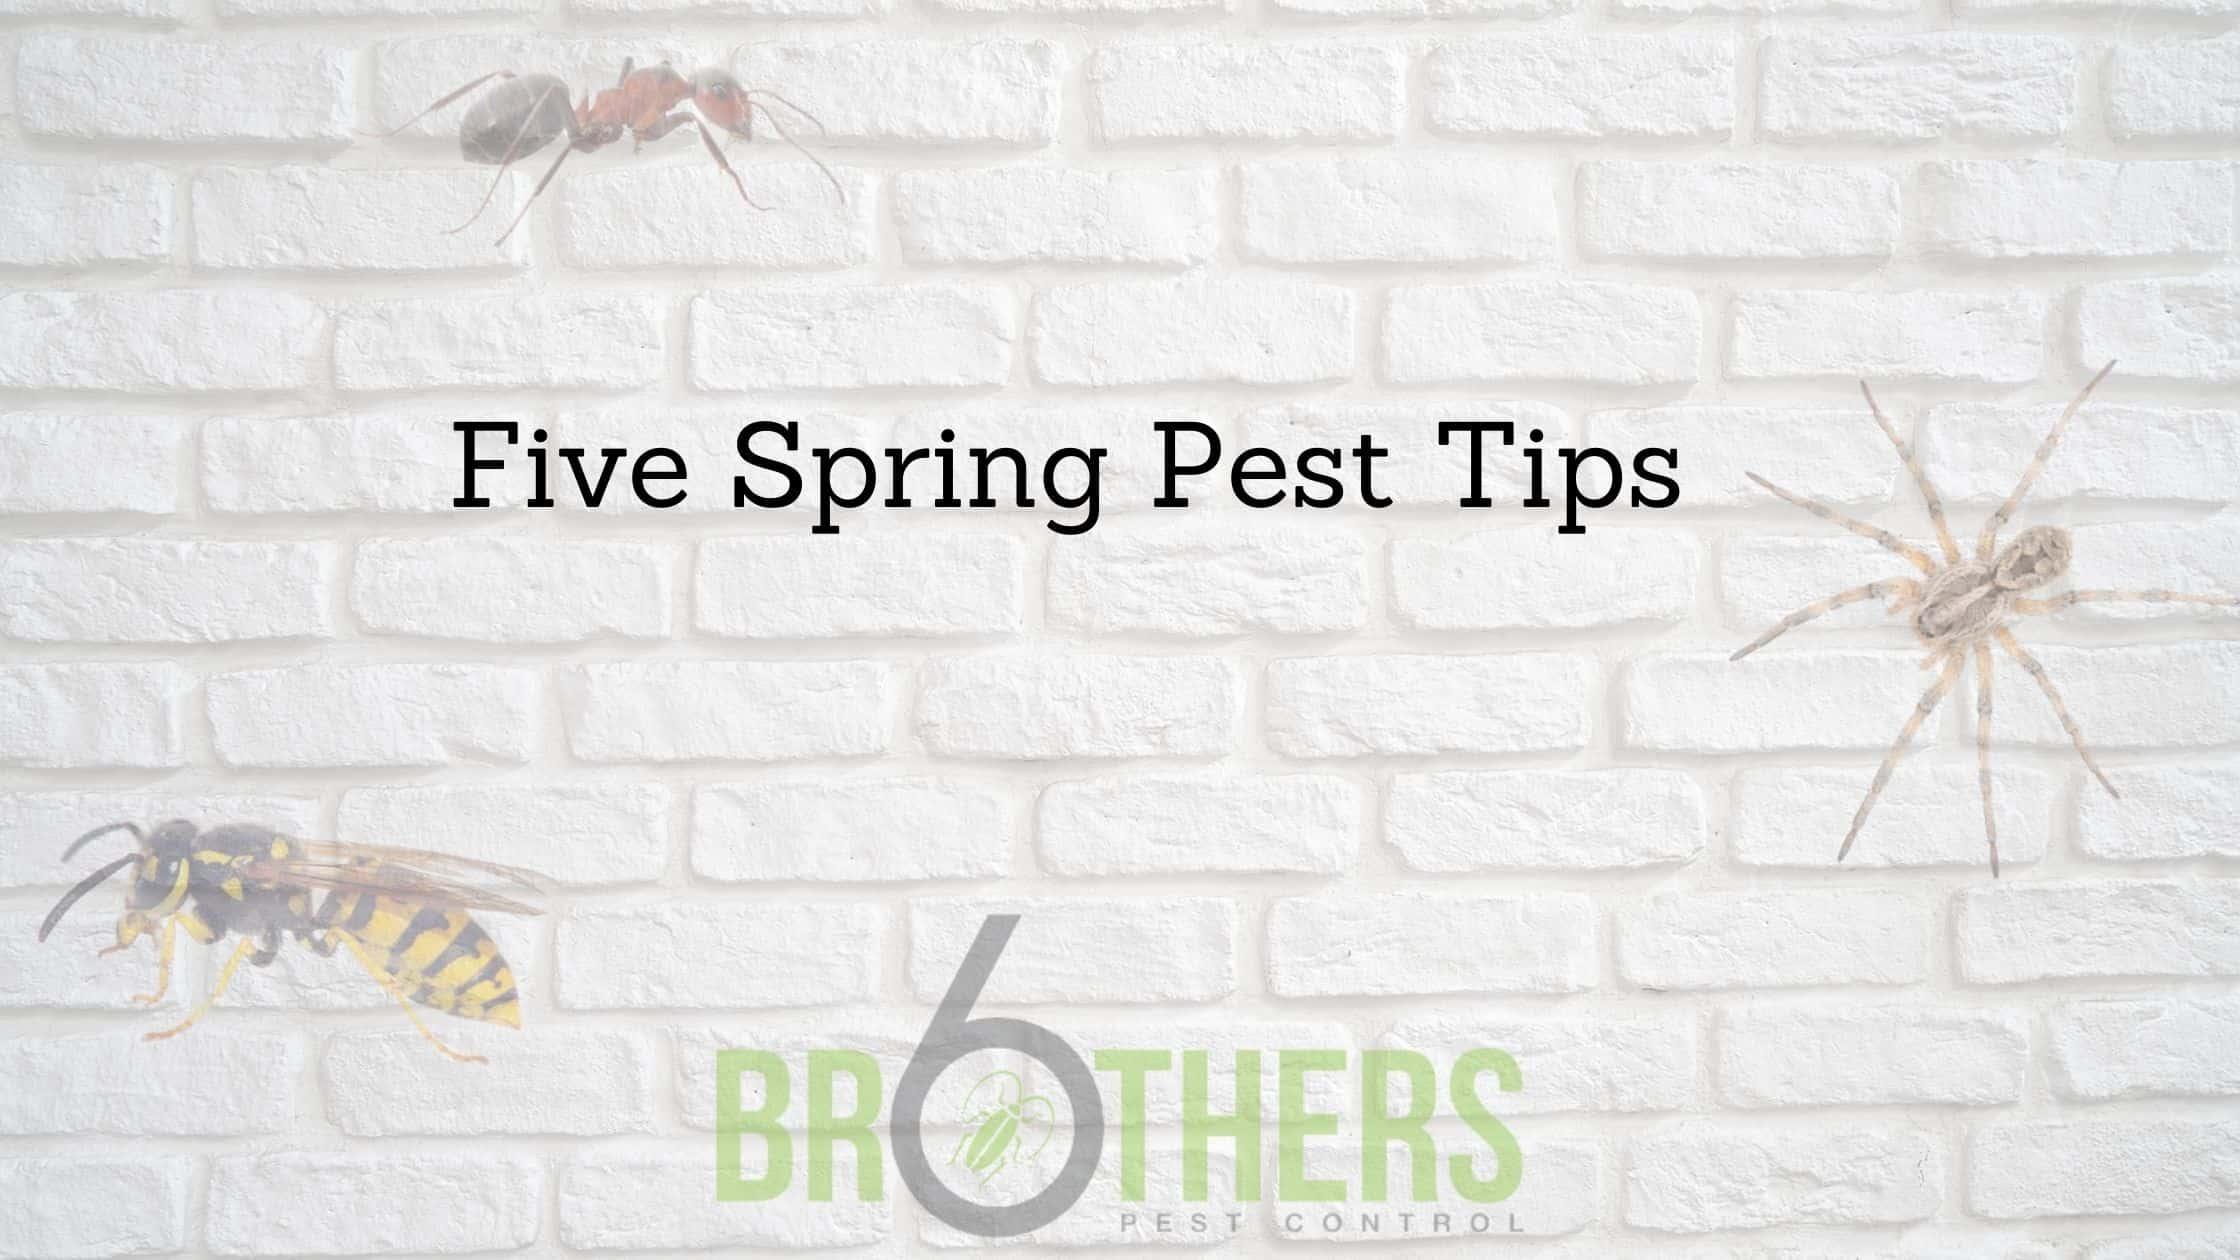 Five Spring Pest Tips